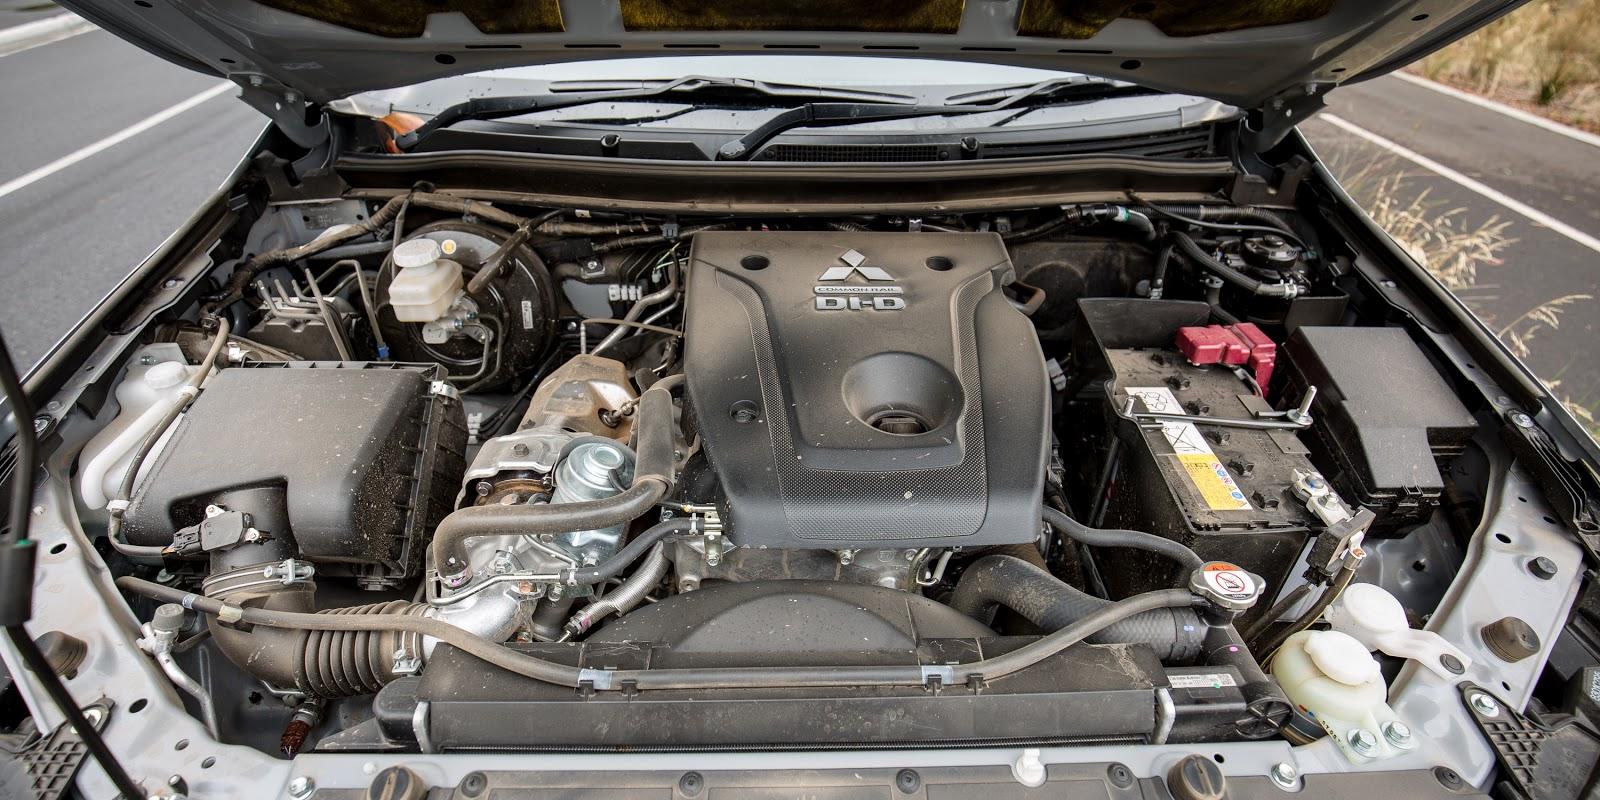 Động cơ V4, tiết kiệm nhiên liệu và mạnh mẽ, chạy Diesel nhưng rất êm